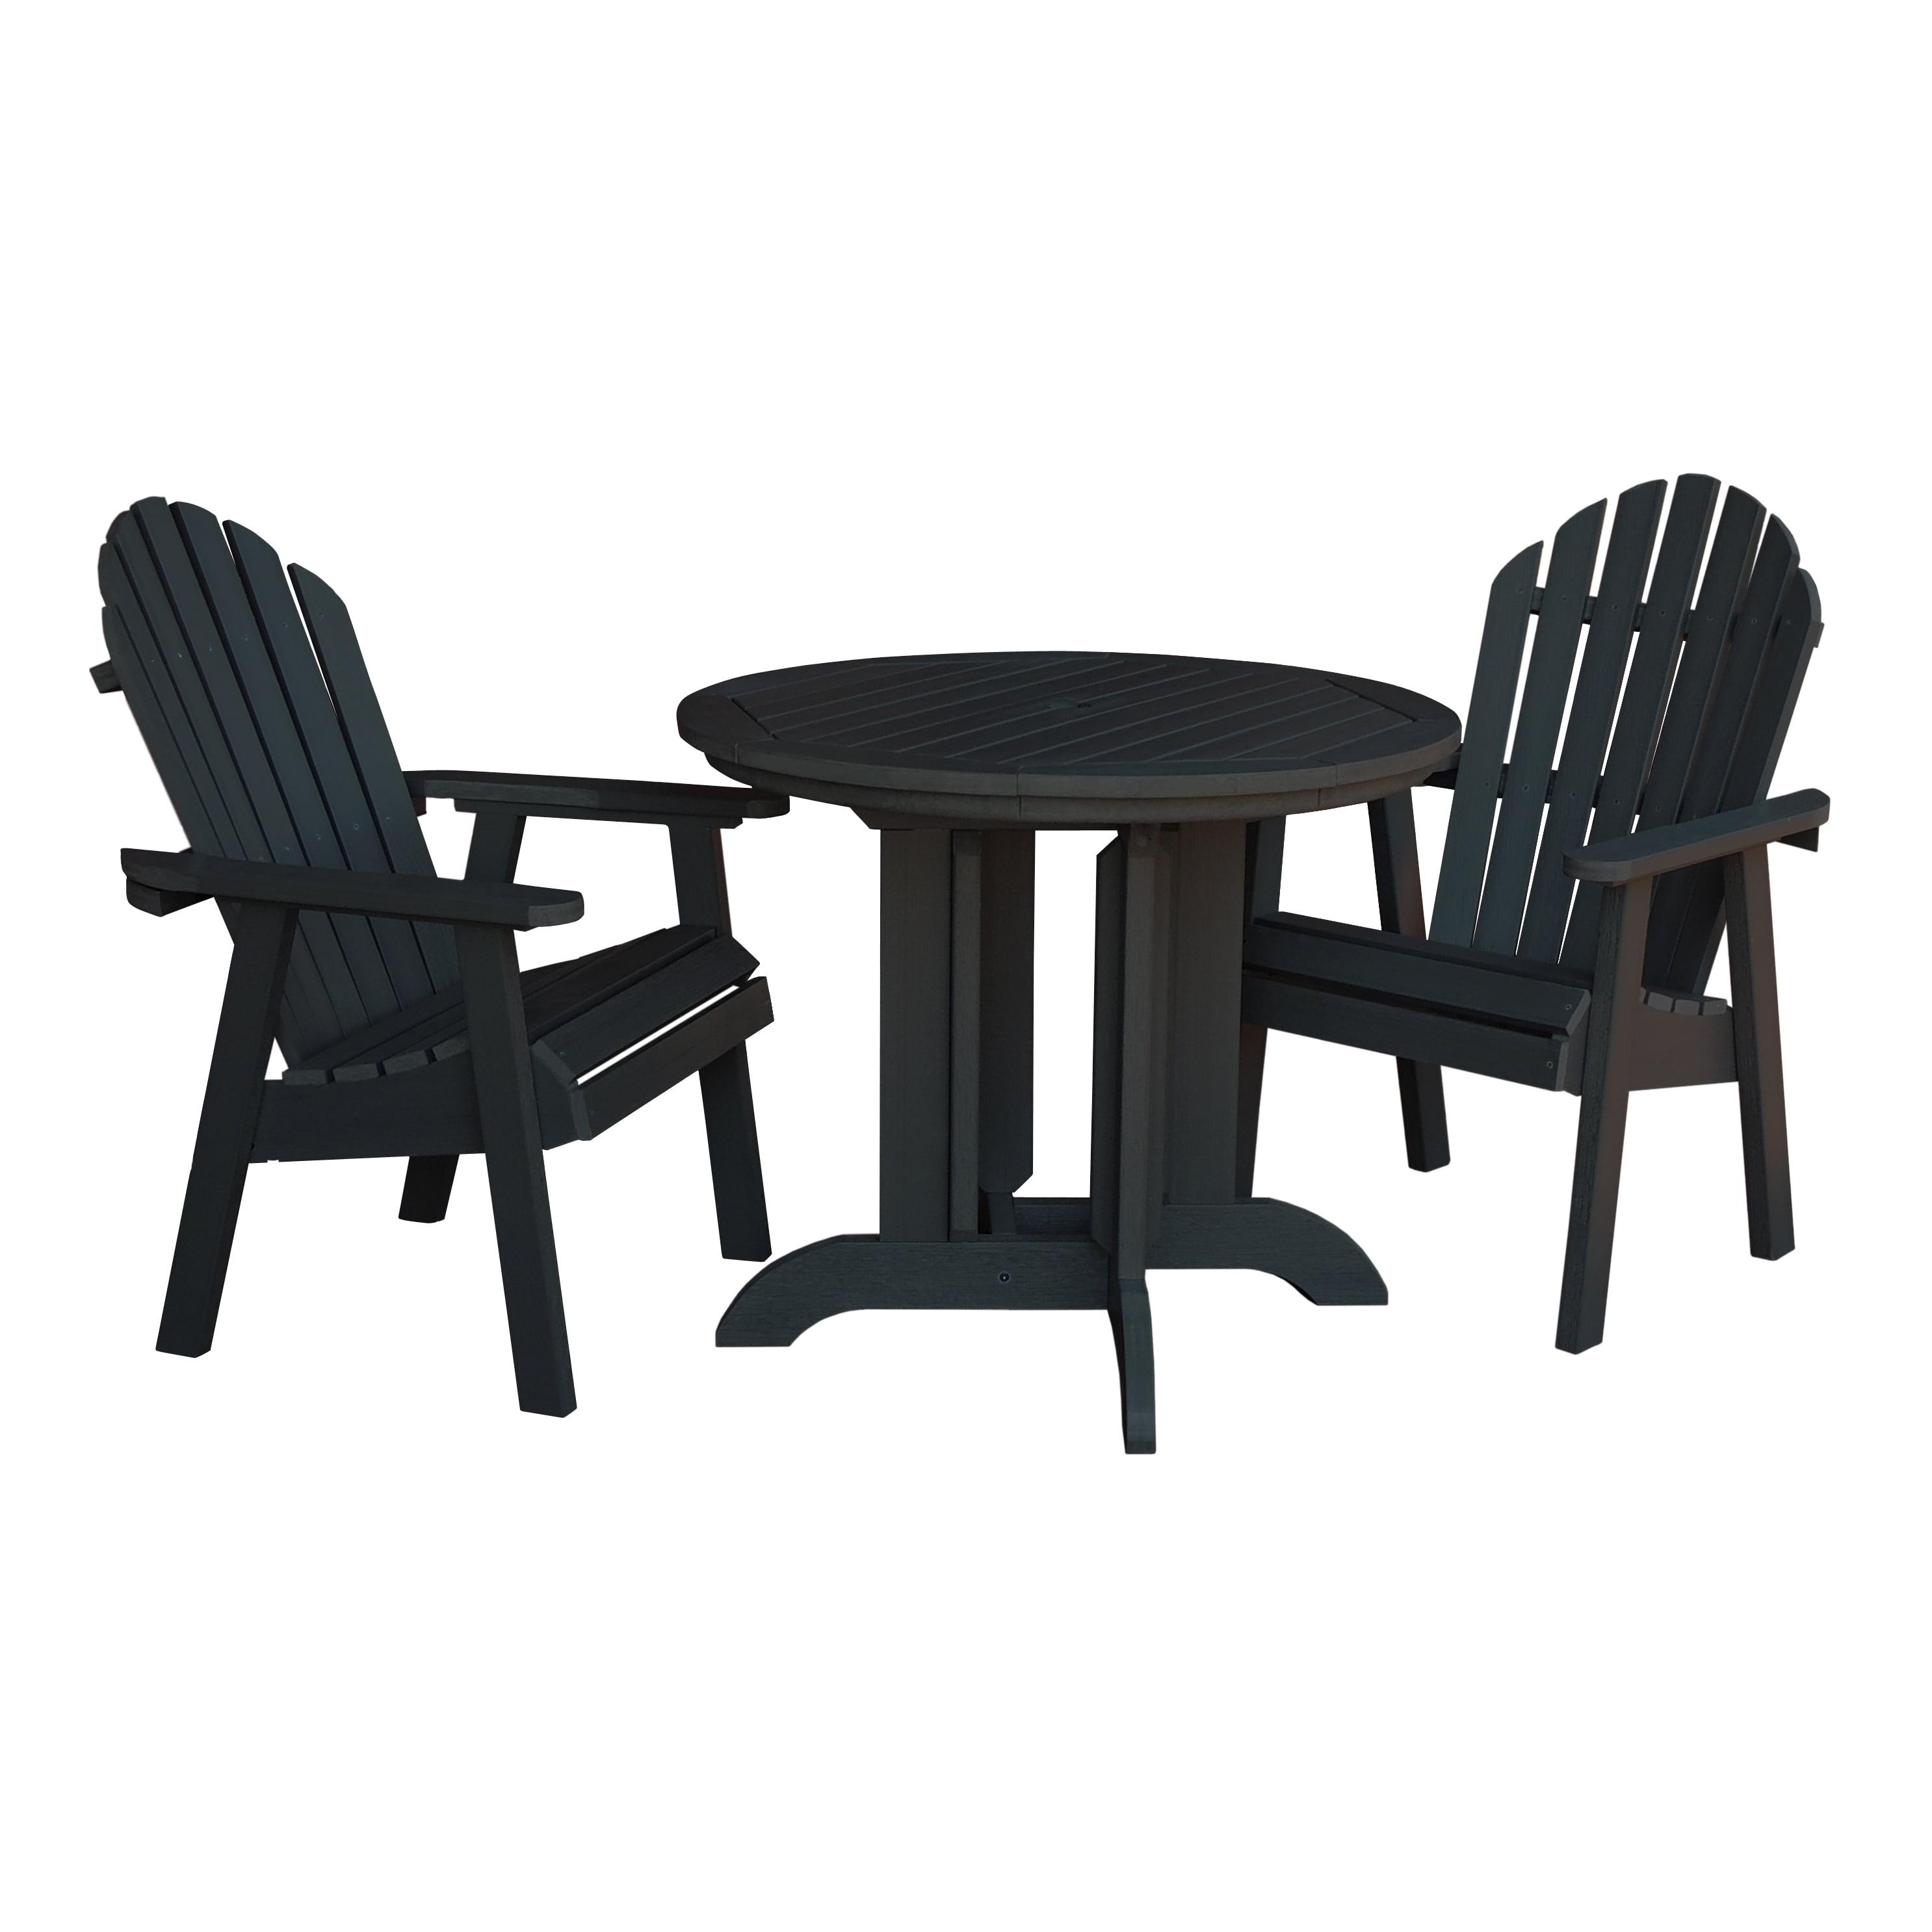 highwood® Eco-Friendly Hamilton 3pc Round Dining Set